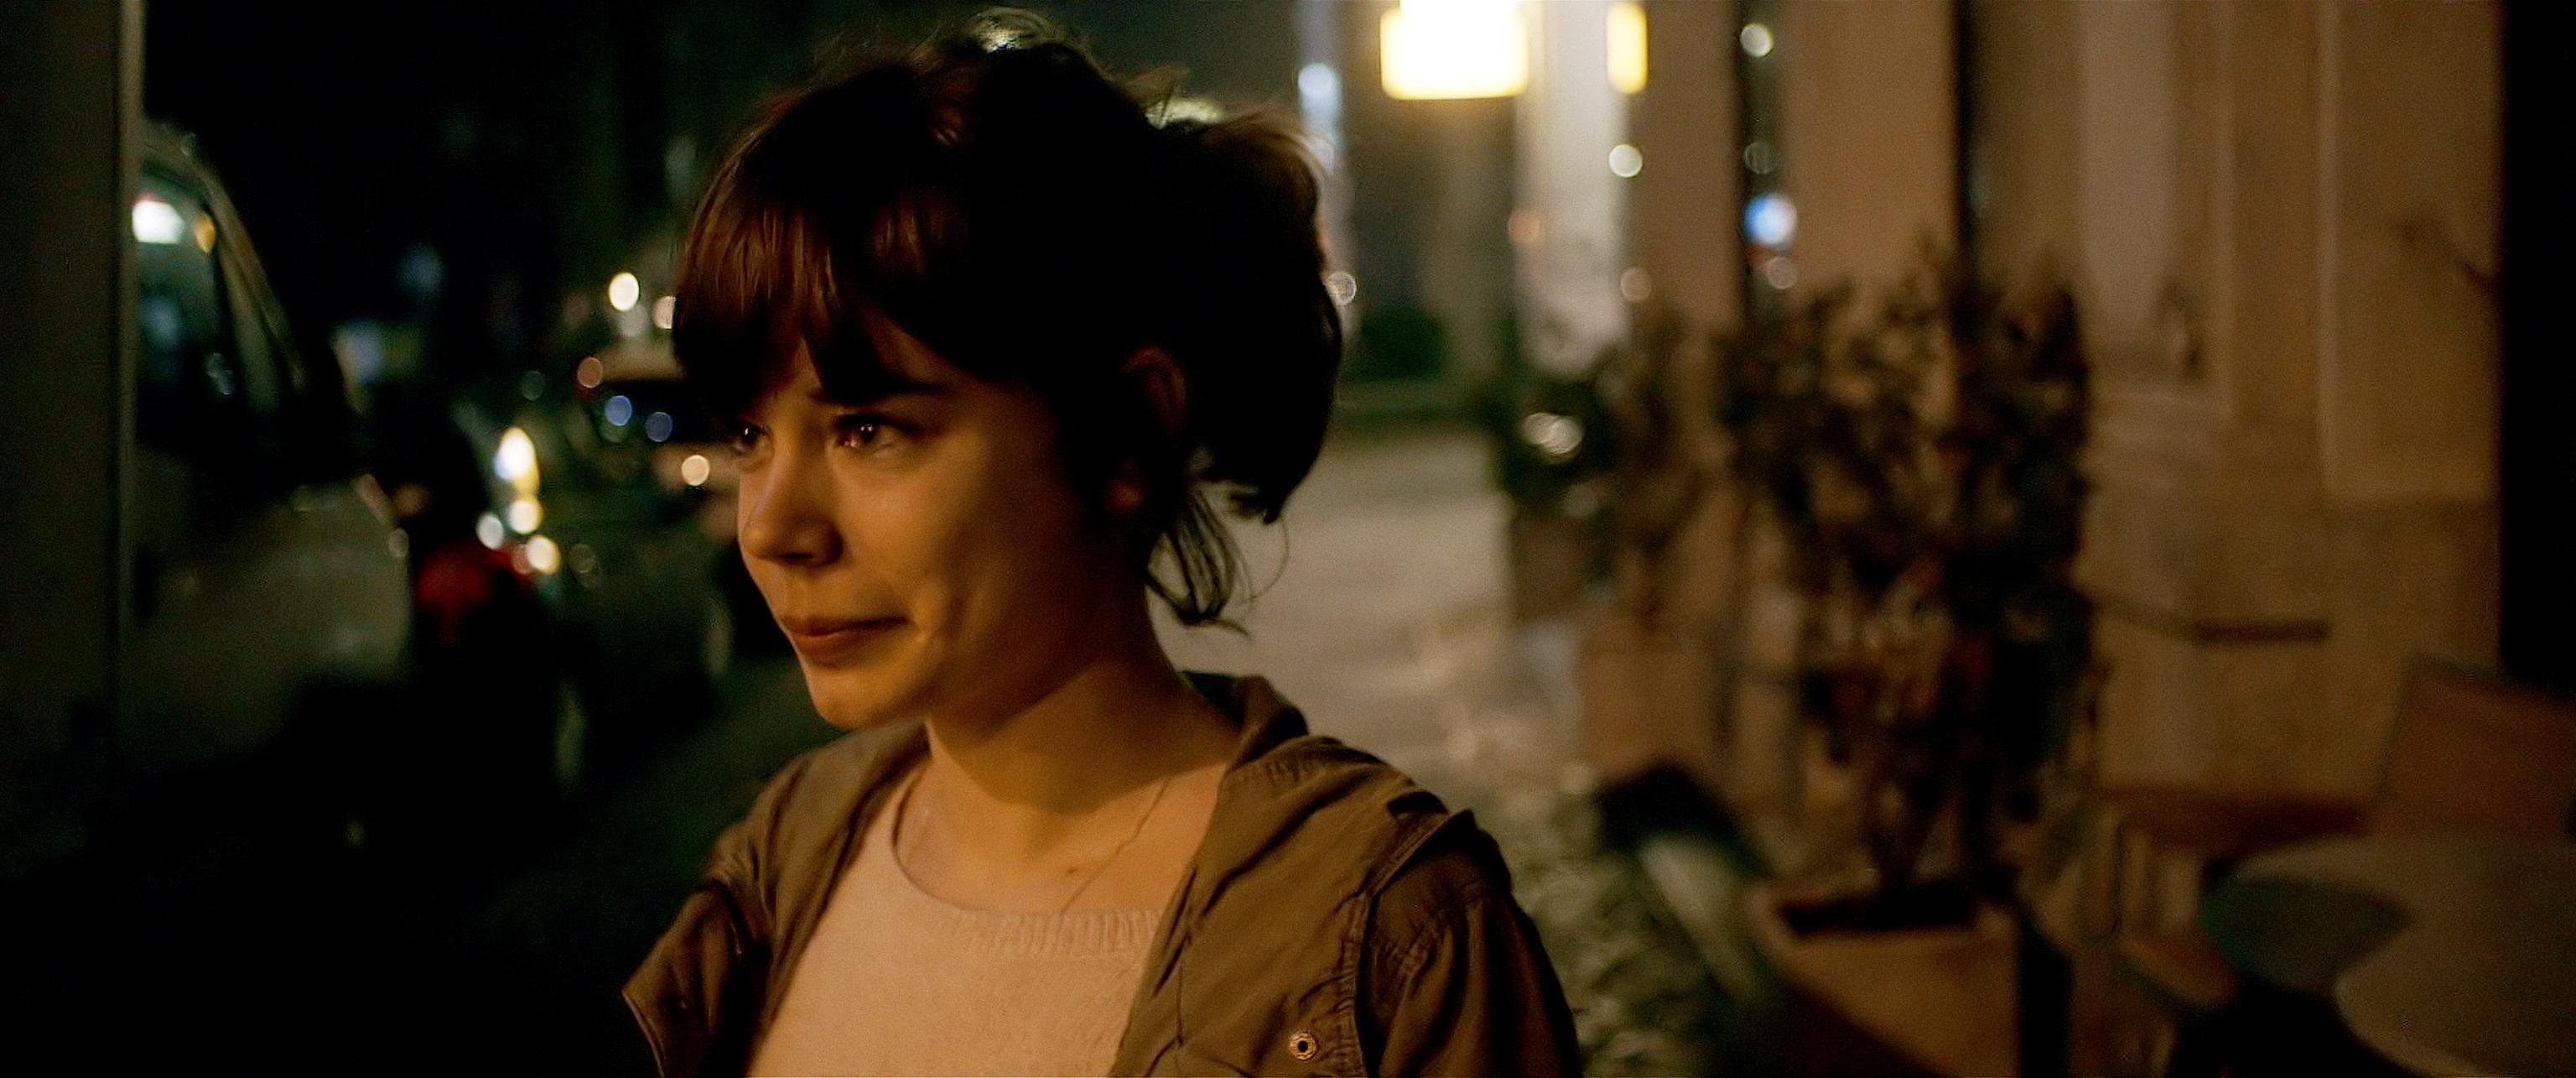 Victoria von Sebastian Schipper ist am 20. November auf Blu-ray und DVD erschienen